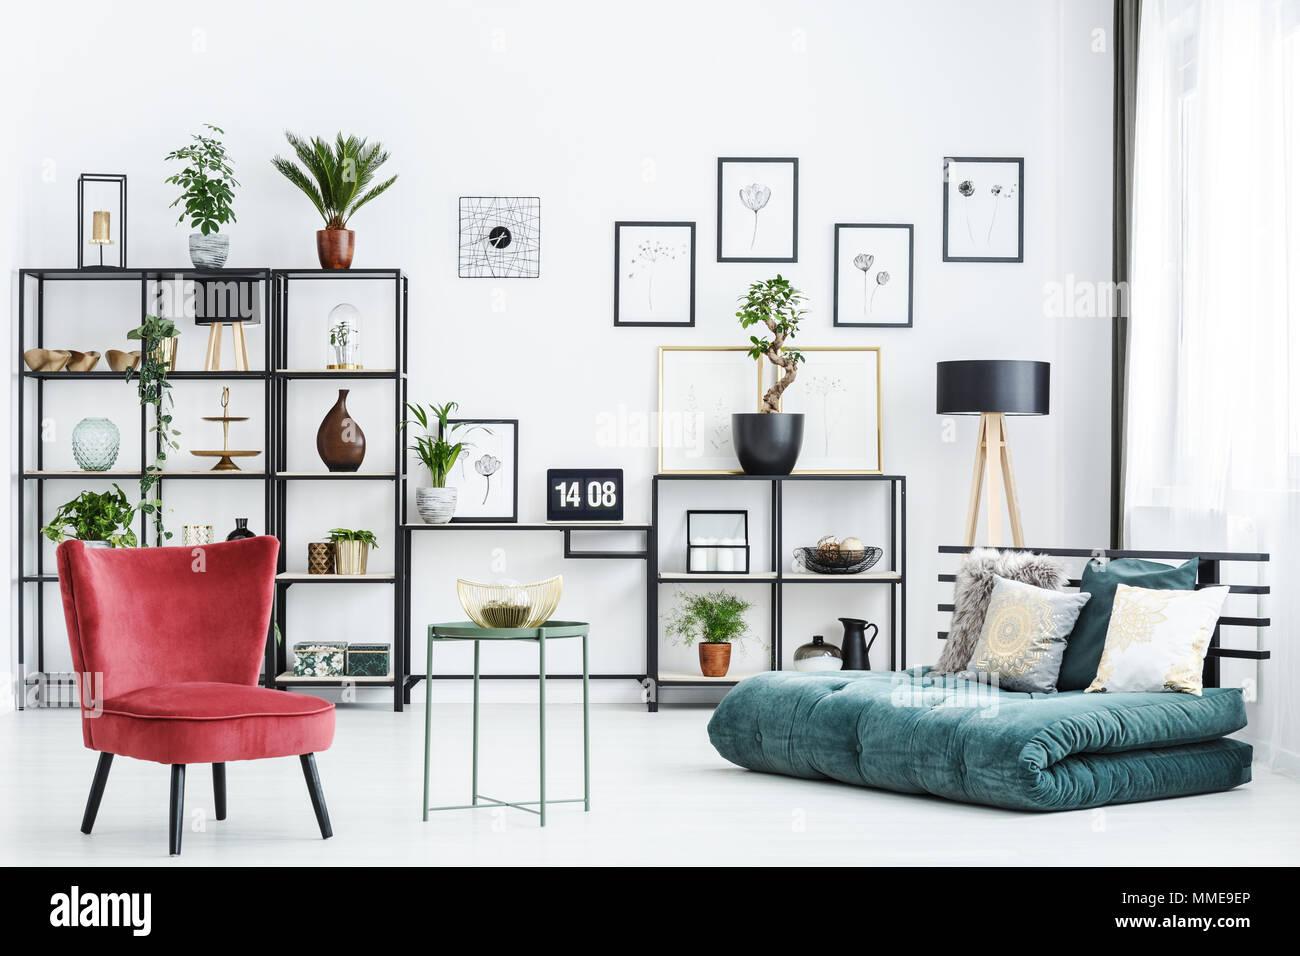 Tabella tra la sedia rossa e verde futon in casa ufficio interno con poster e piante Immagini Stock